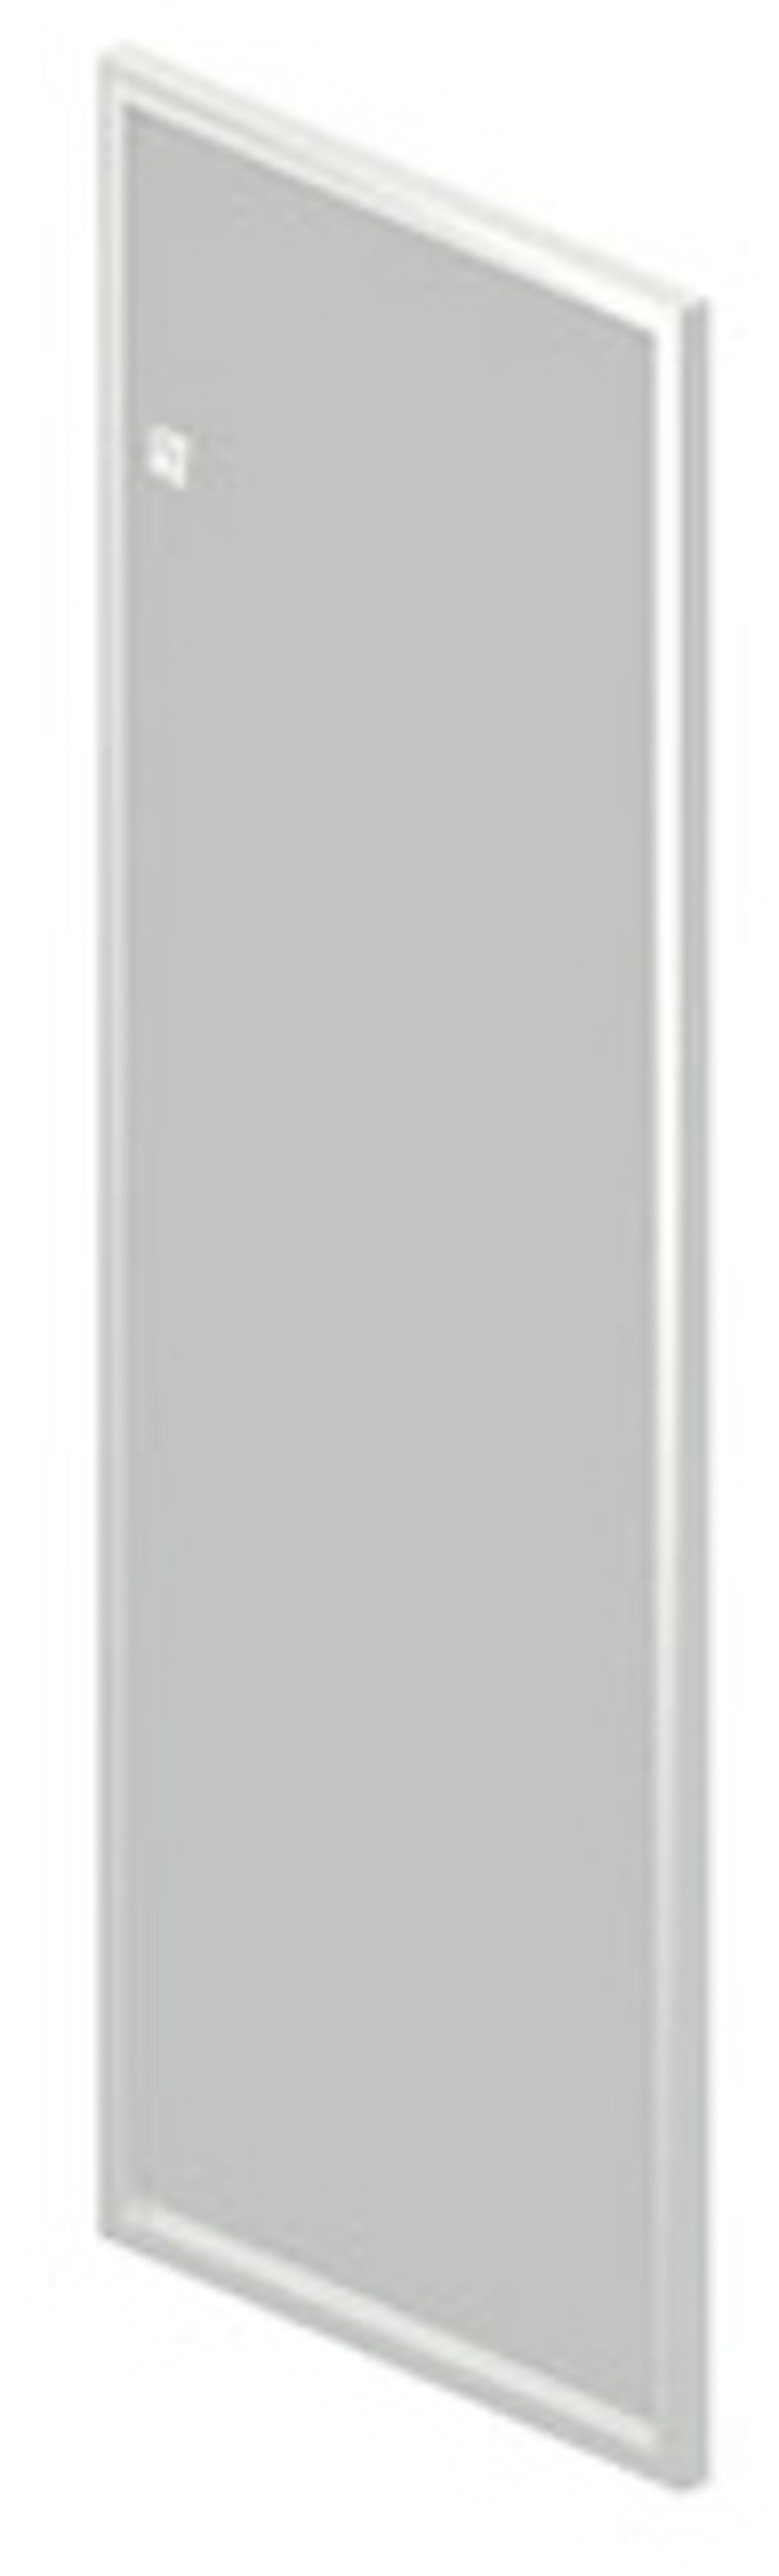 Дверь стеклянная в алюминиевой раме  Rio 40x117x2 - фото 1